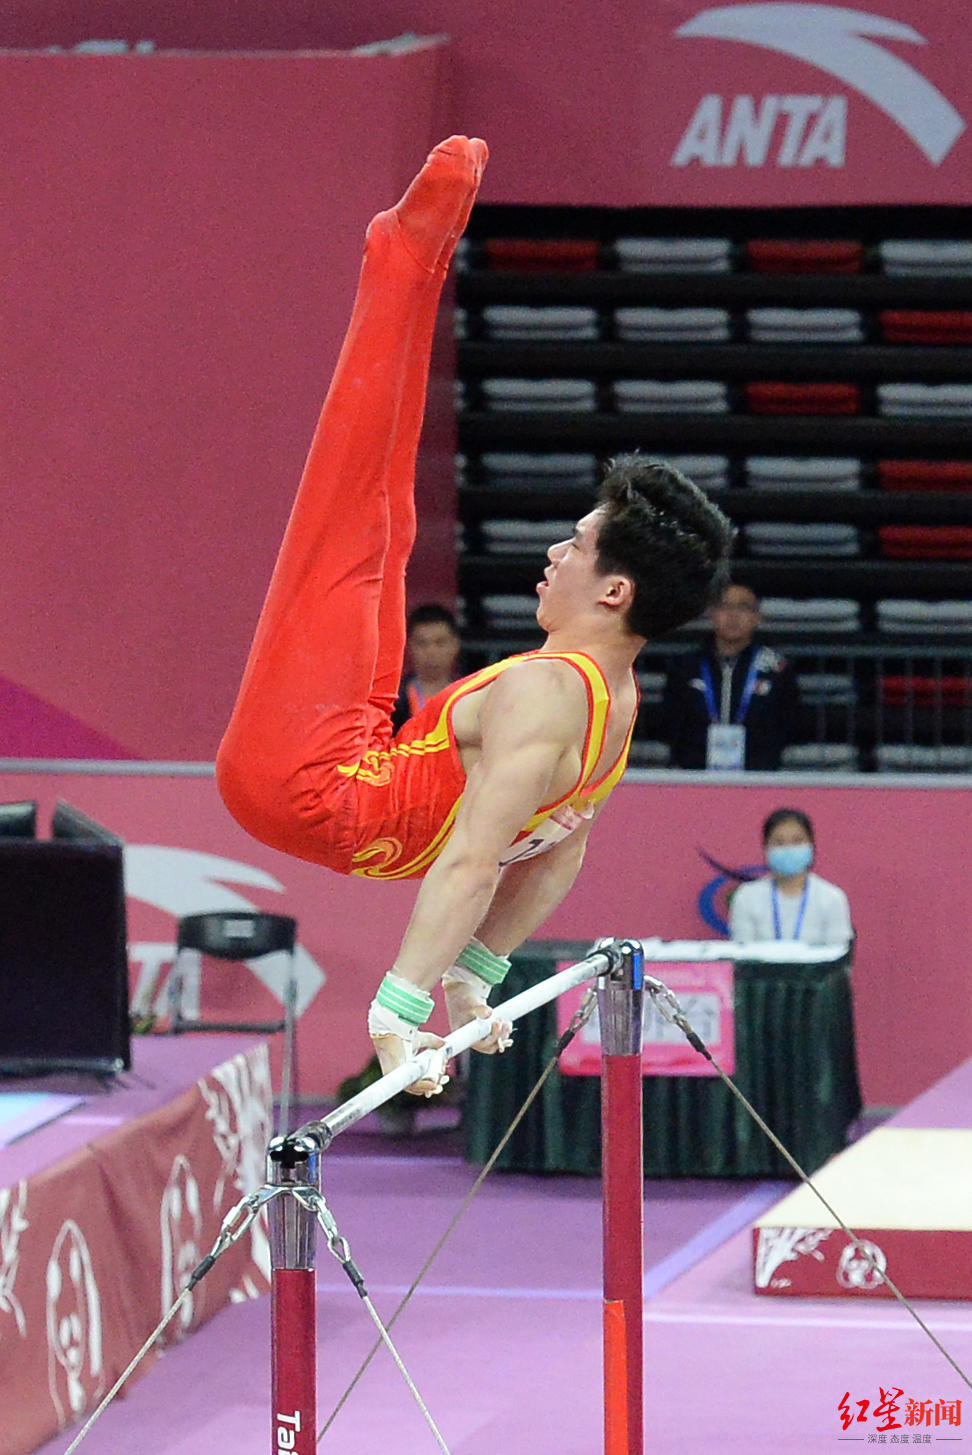 全国体操锦标赛男子吊环:辽宁选手刘洋夺冠,全能亚军张博恒第5